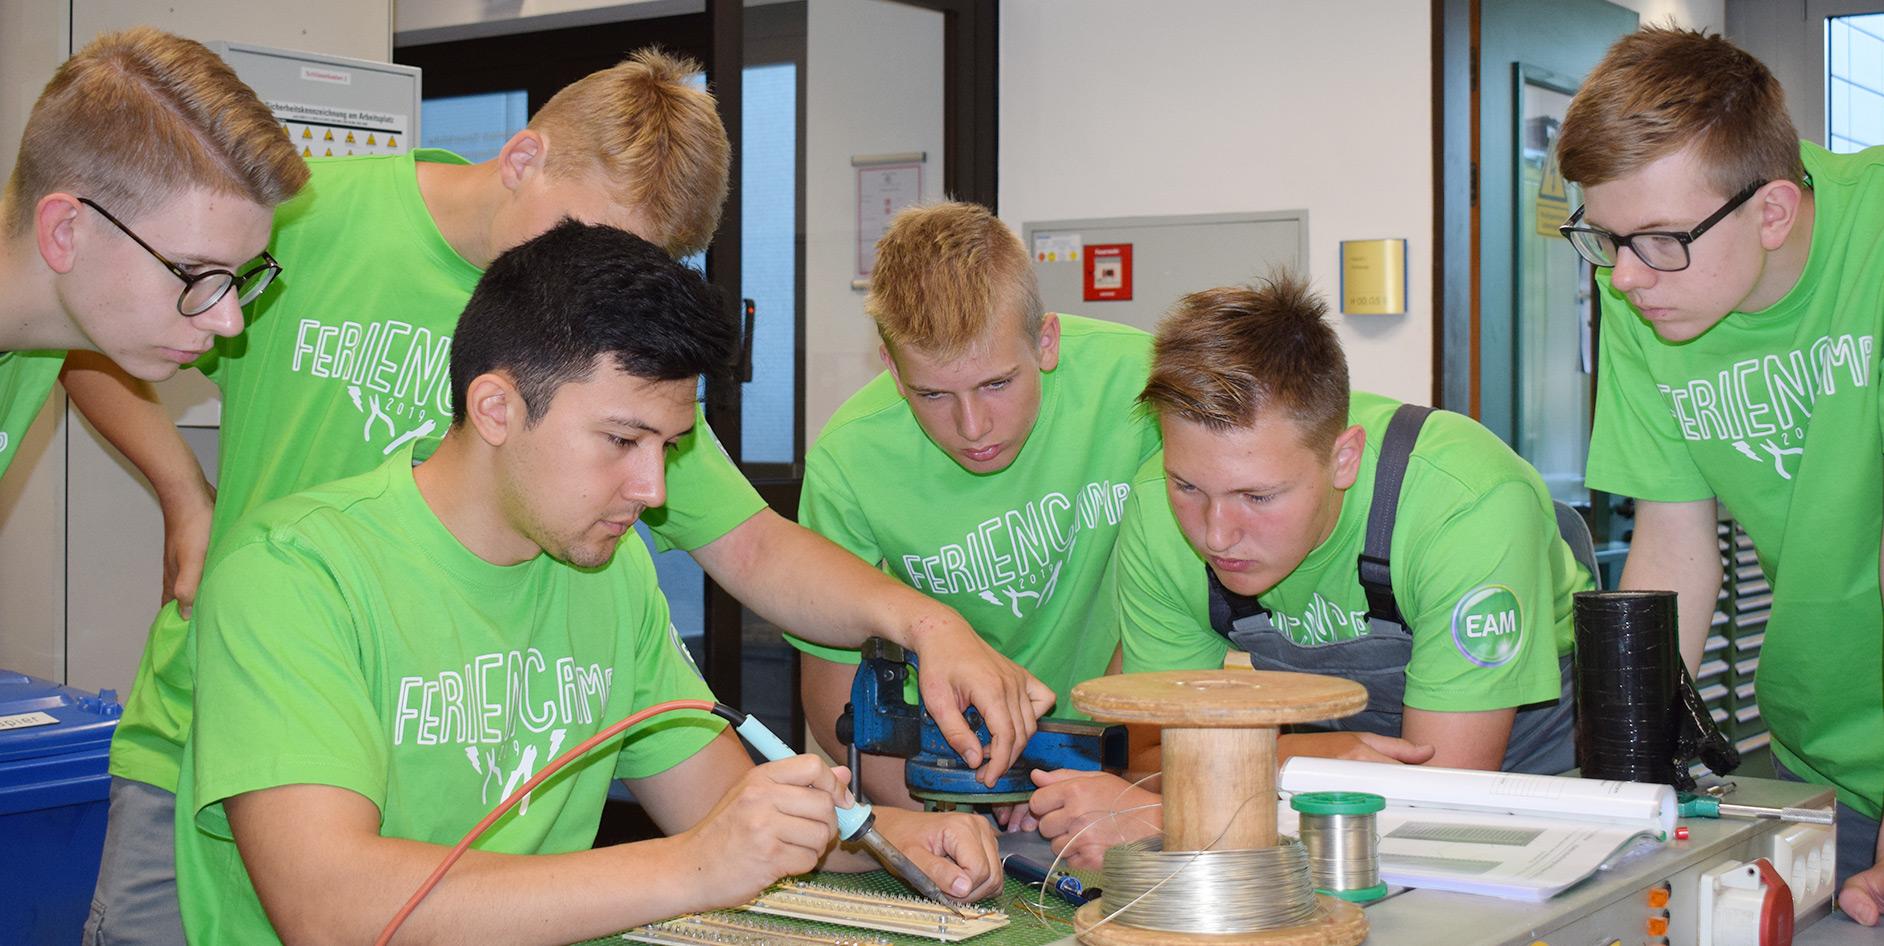 Schüler im Alter von 15 bis 18 Jahren lernten im Rahmen eines EAM-Feriencamps den Alltag eines Auszubildenden für den Beruf Elektroniker/in für Betriebstechnik bei der EAM kennen.